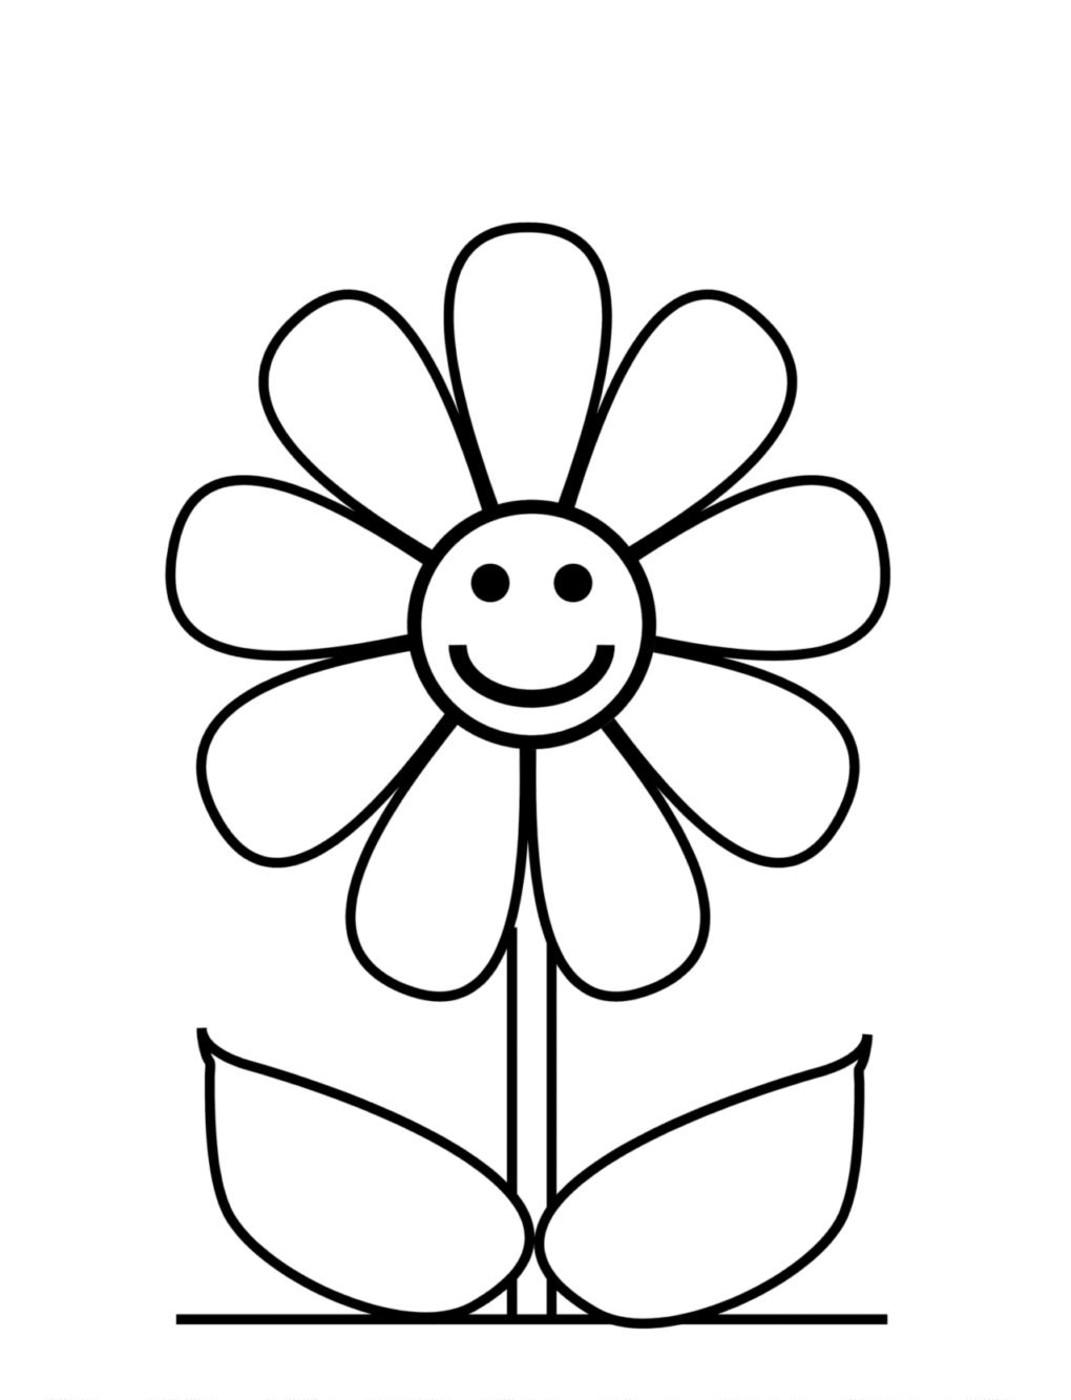 Tranh tô màu hình hoa đơn giản và dễ nhất